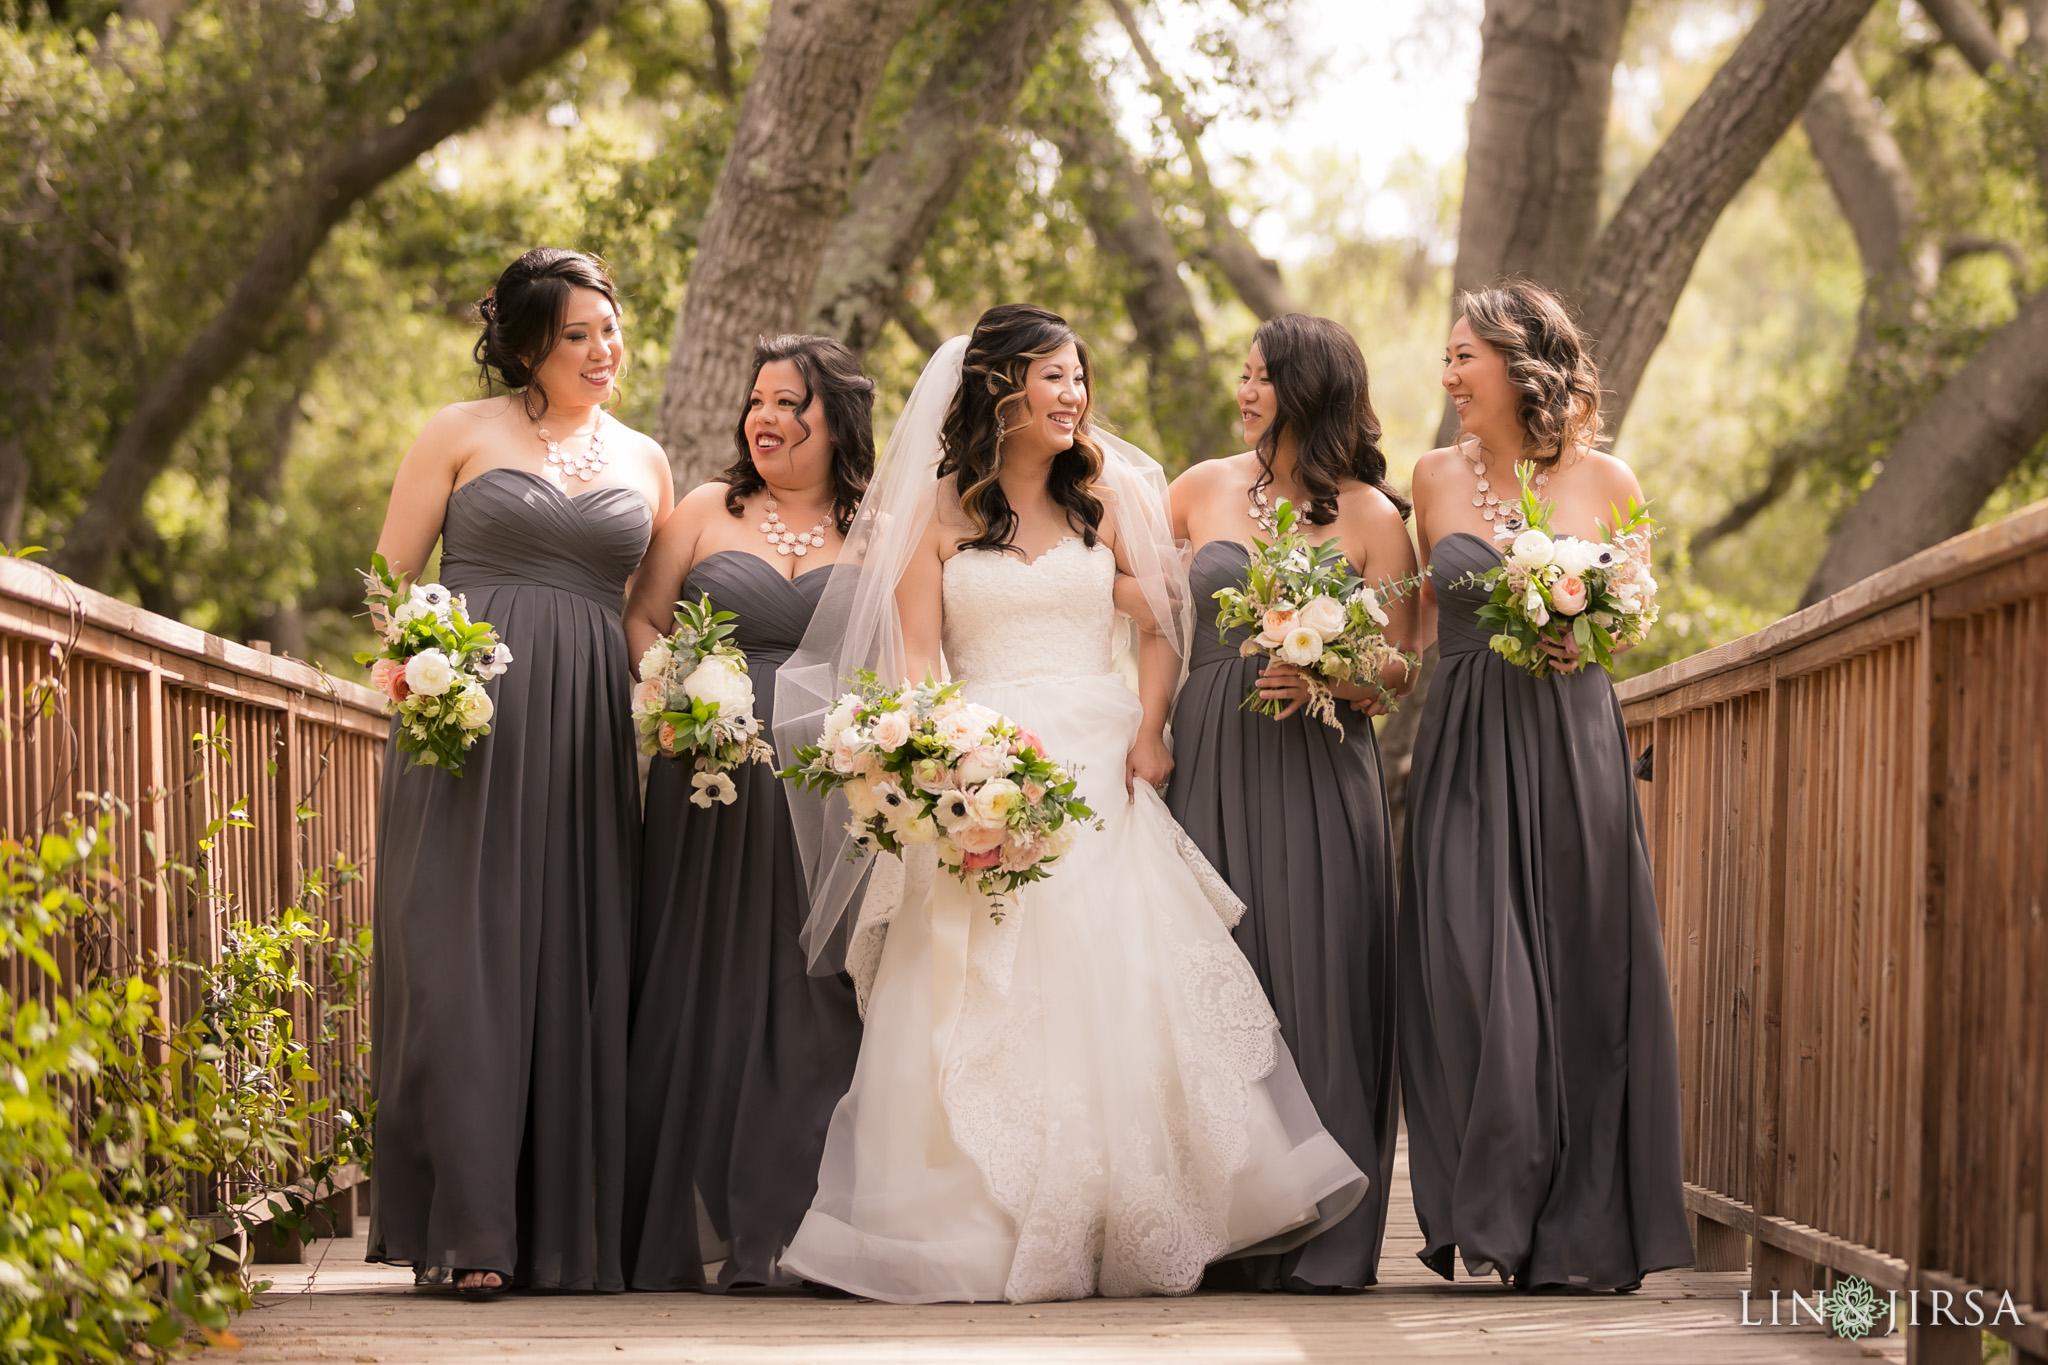 07 calamigos ranch malibu bride wedding photography